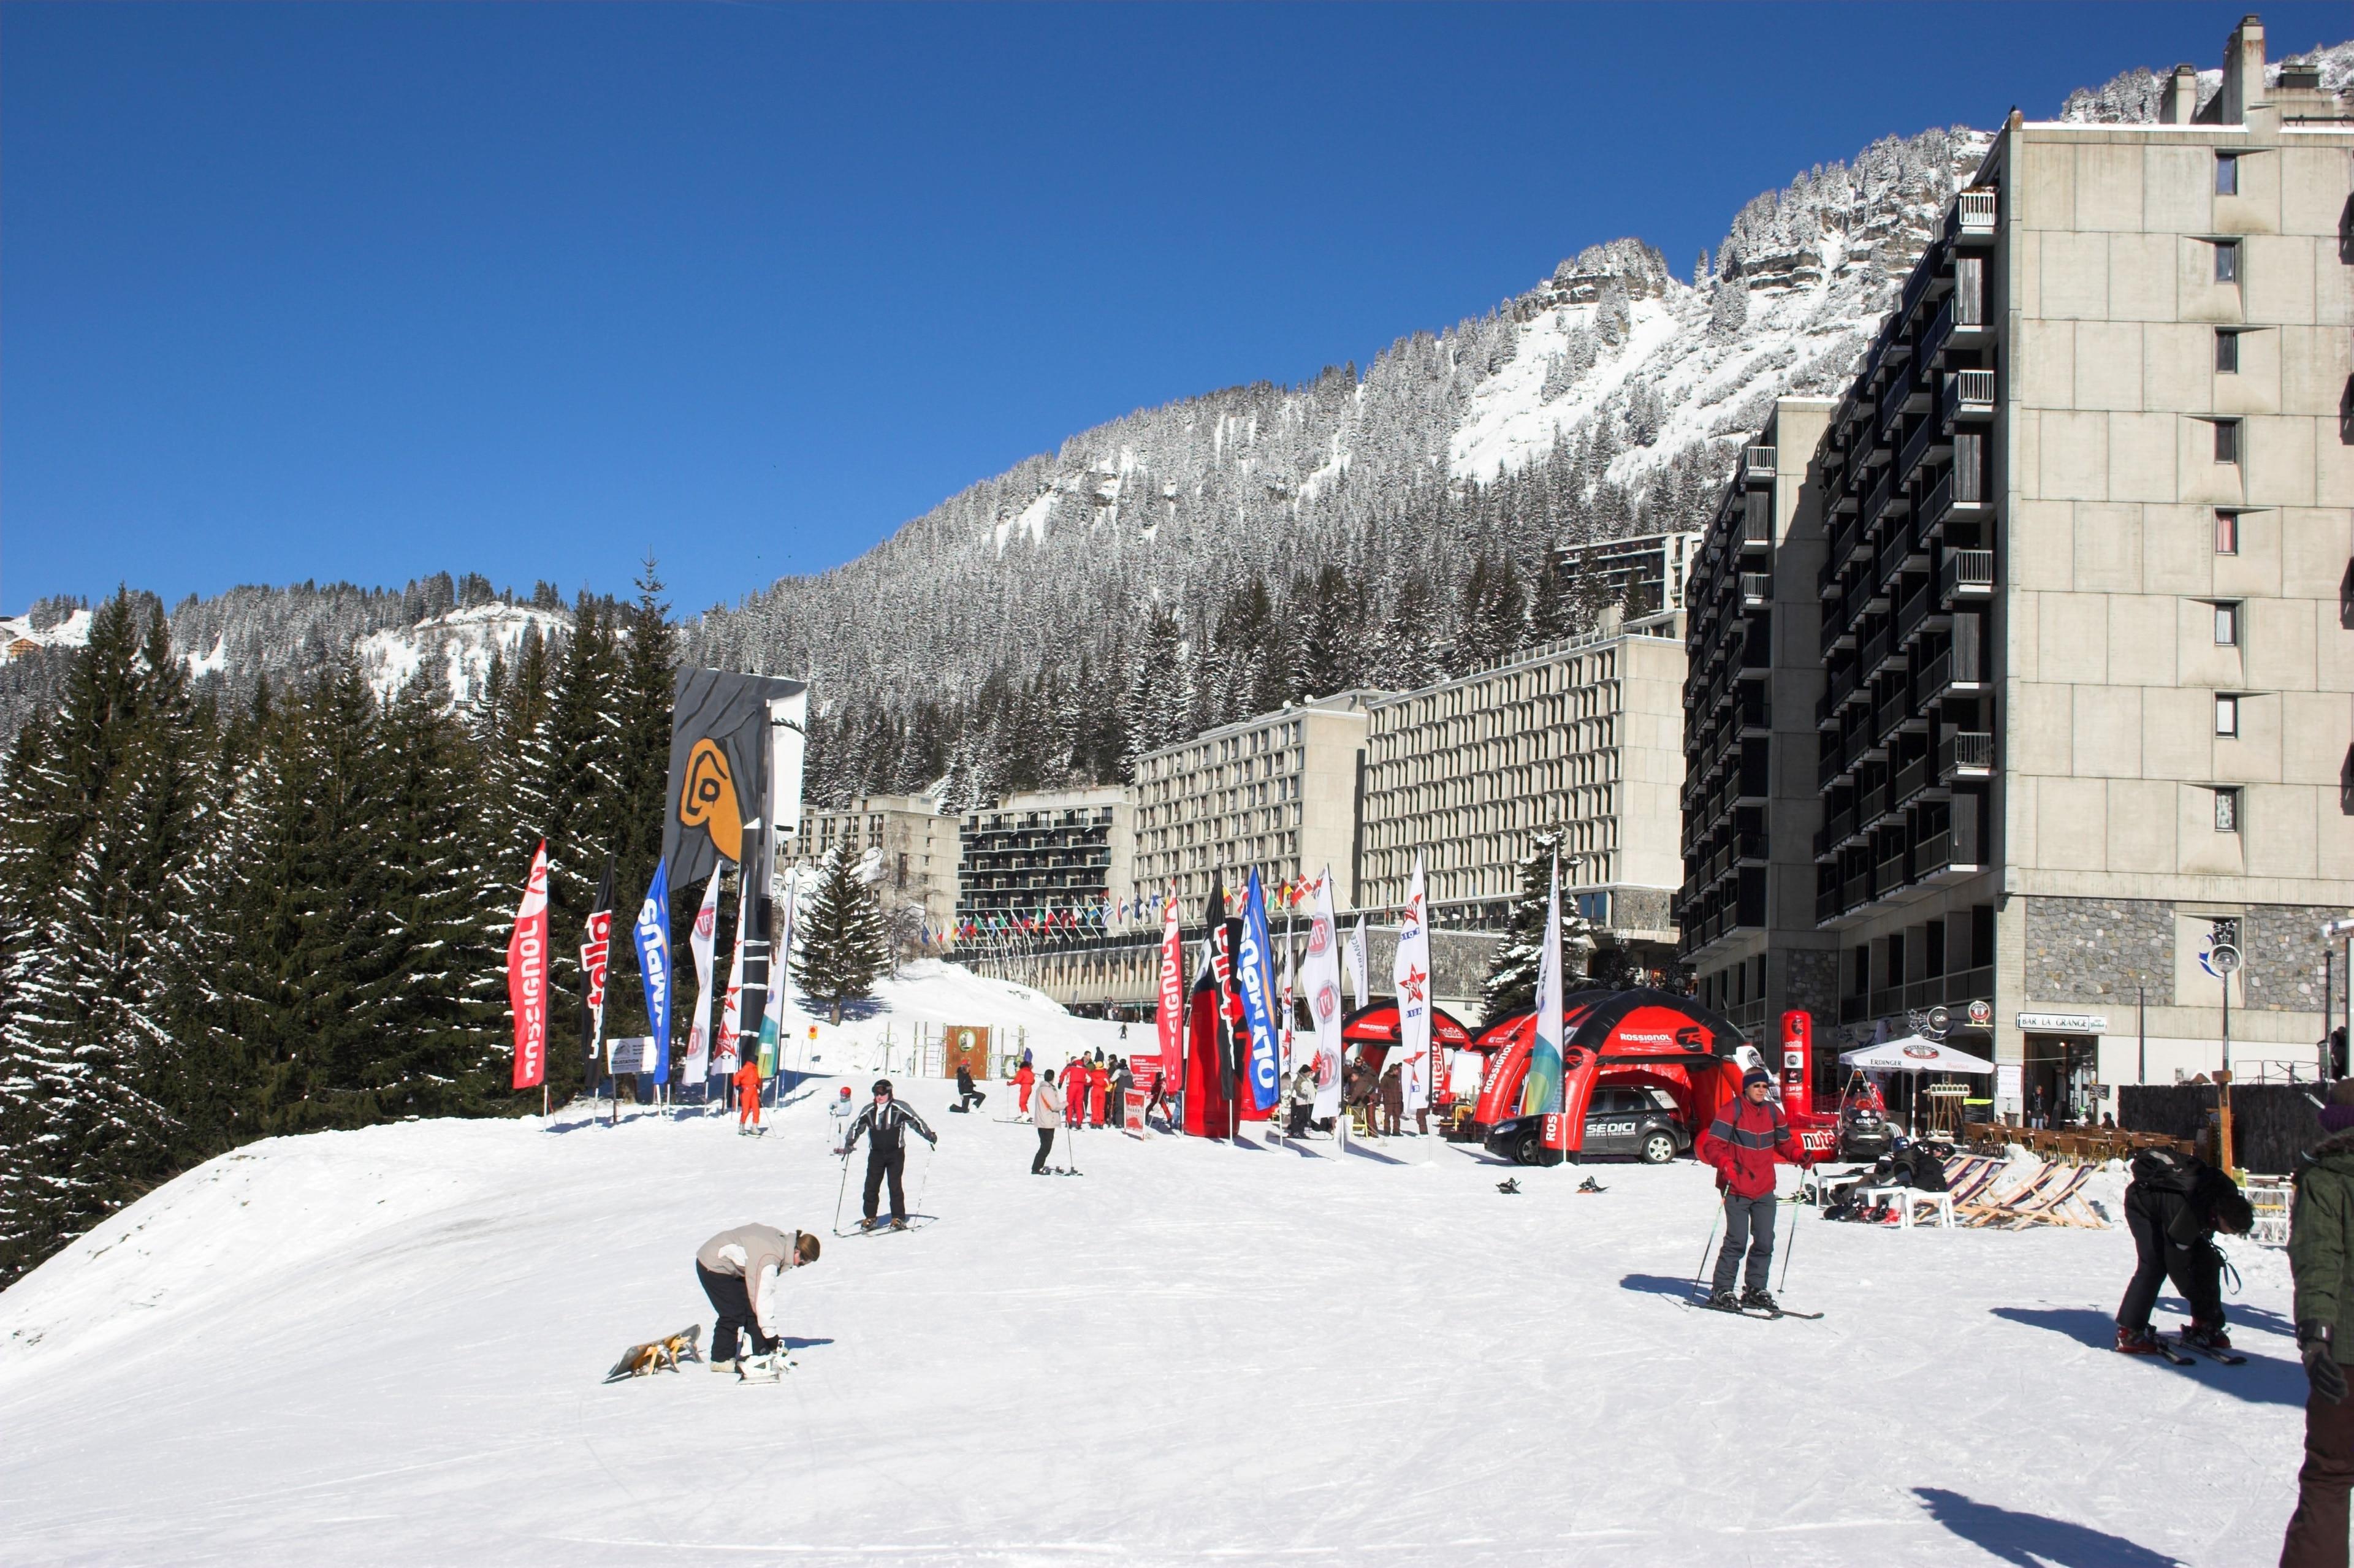 Wintersportort Morillon, Morillon, Haute-Savoie (Département), Frankreich